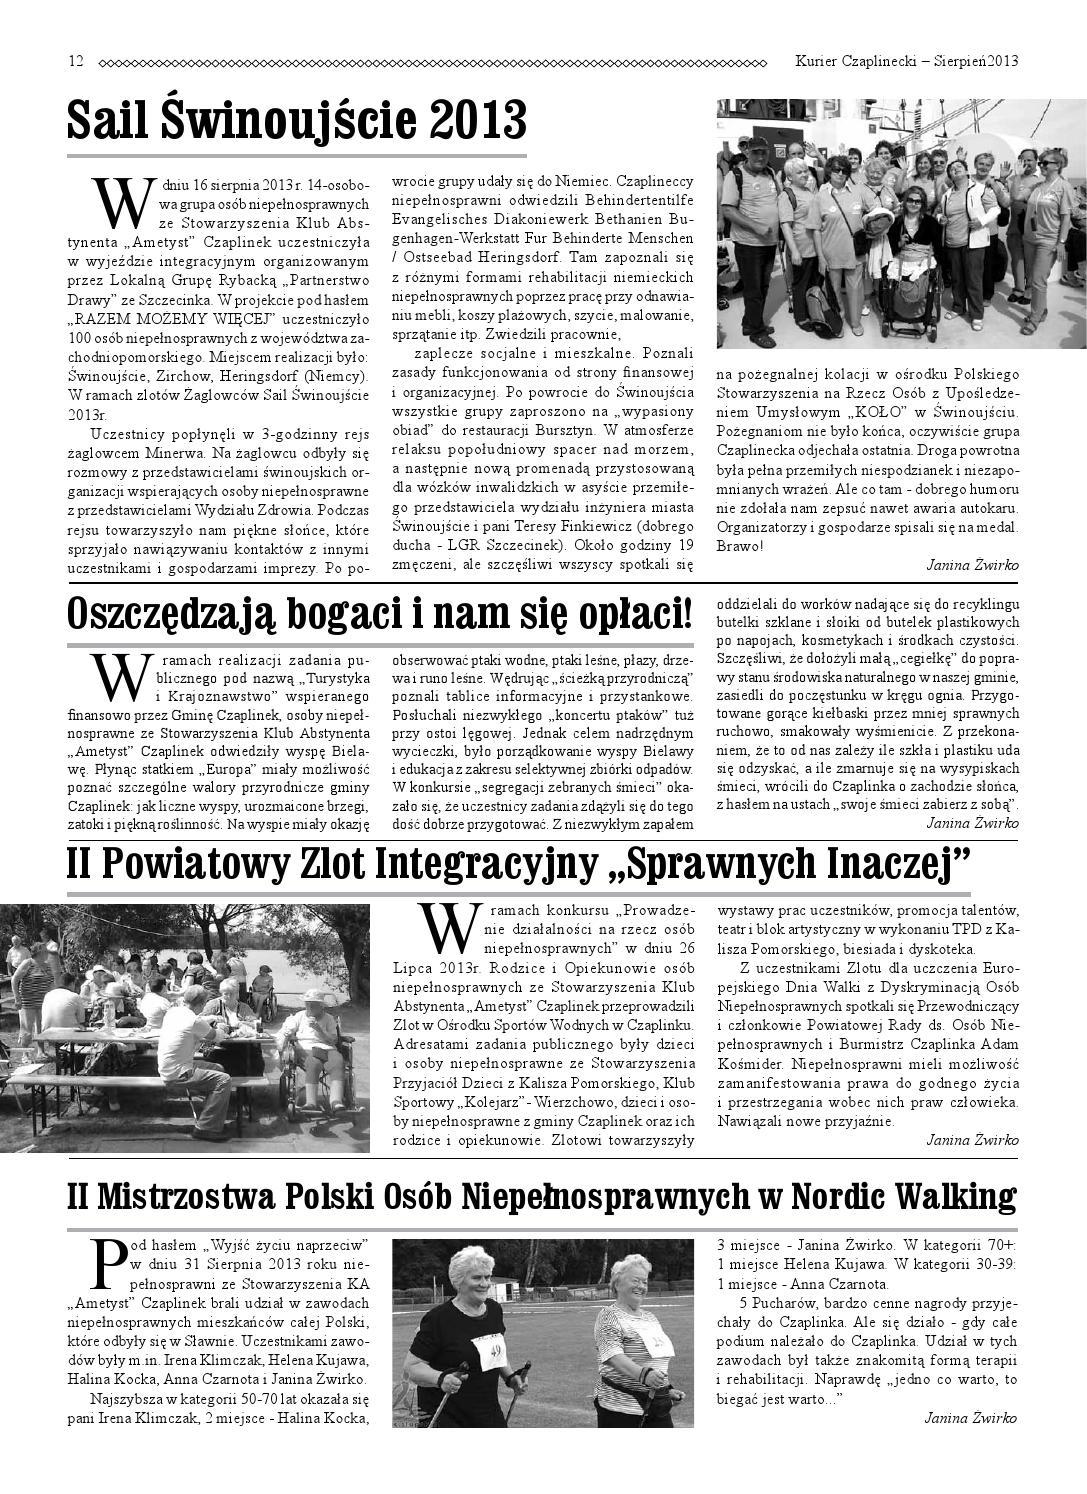 Kurier Czaplinecki - Nr 85, Wrzesień 2013 by Adam Cygan - issuu